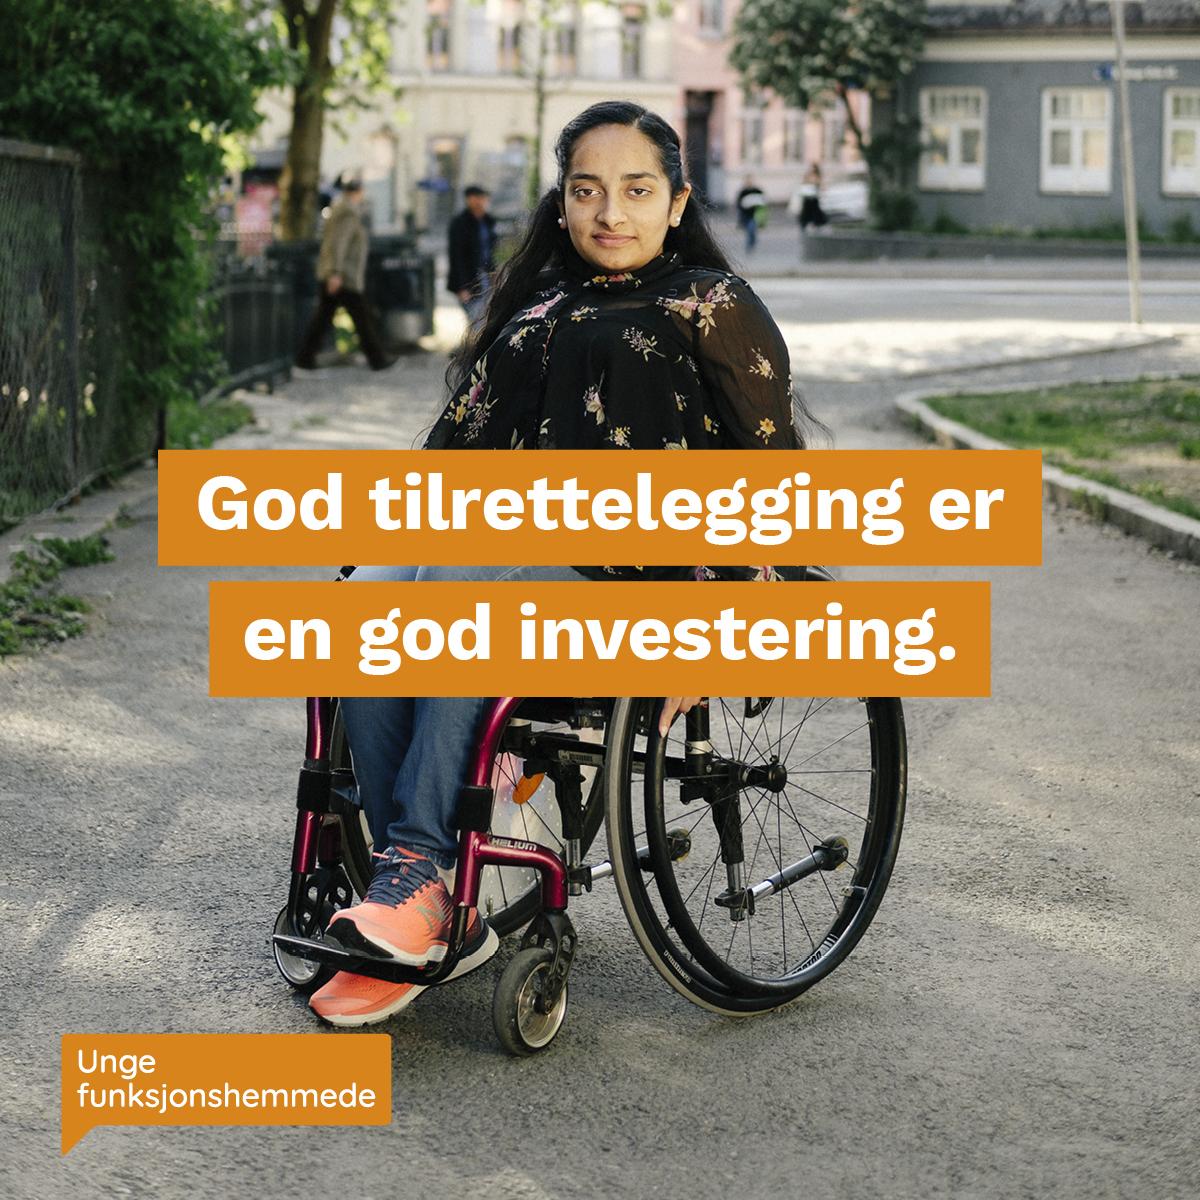 """En kvinne i rullestol ser mot kamera. I midten av bildet står teksten """"God tilrettelegging er en god investering"""". Nederst i venstre hjørnet er Unge funksjonshemmedes logo."""